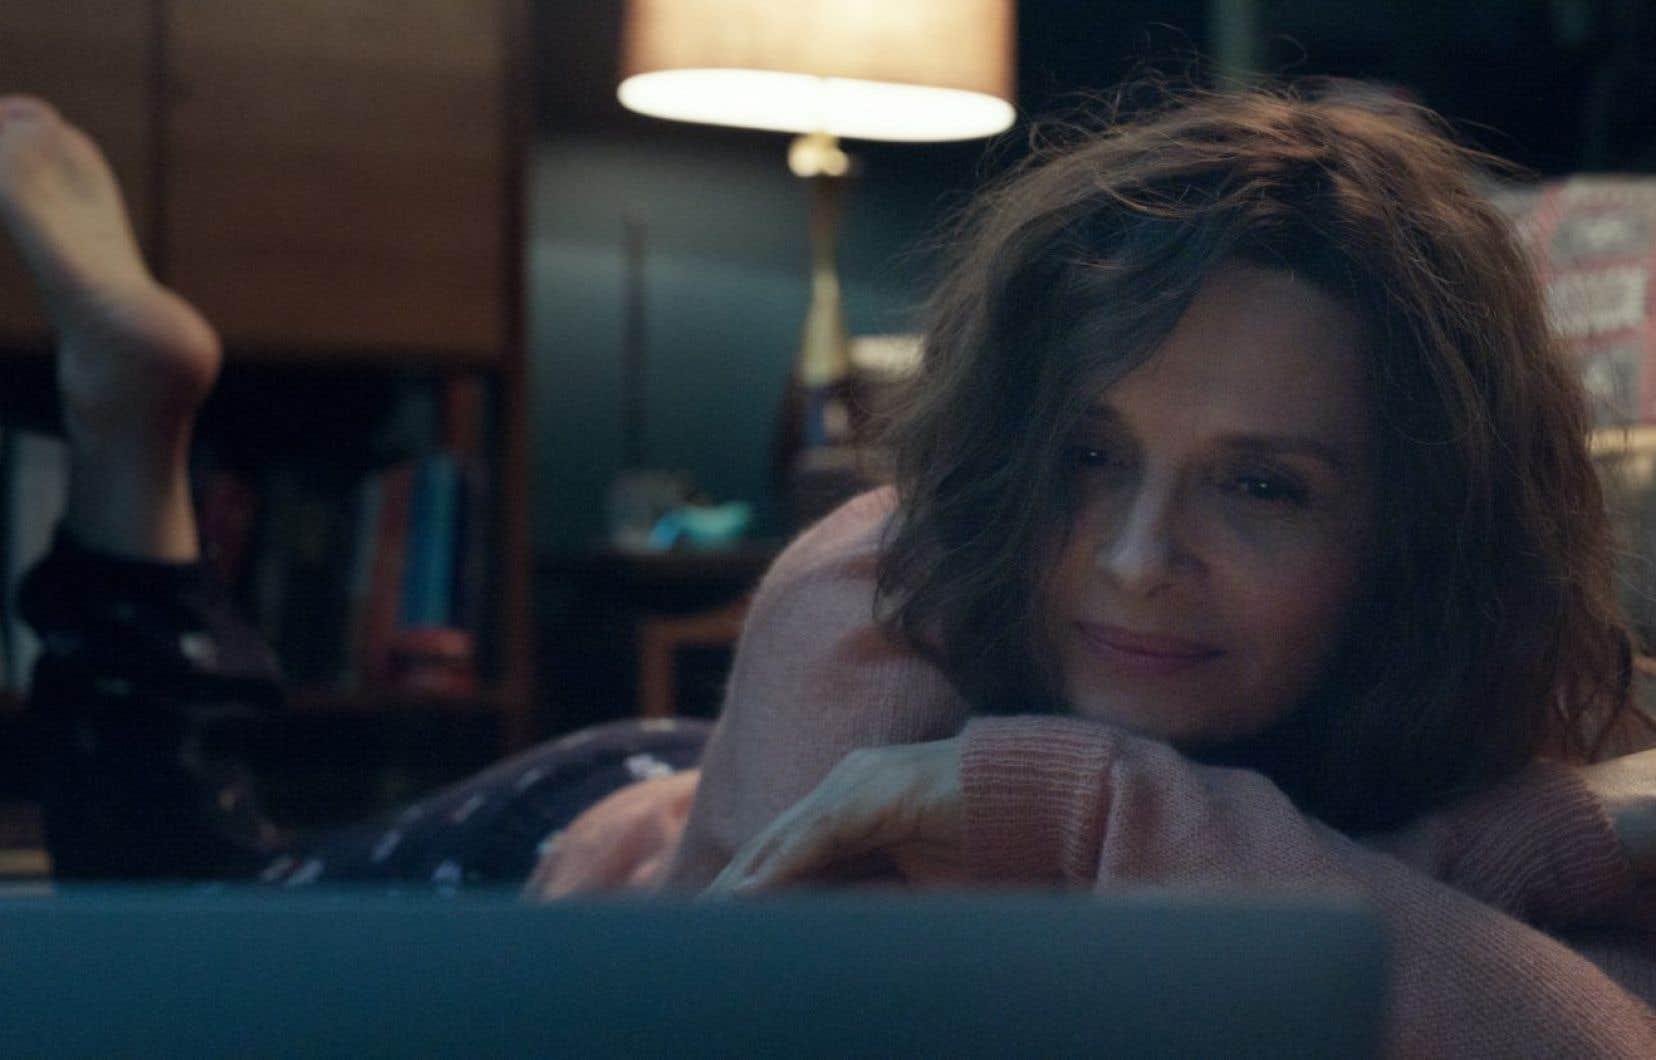 Elle a beau ici s'appeler Claire, rien n'est plus opaque et contradictoire que les comportements de cette femme, pleine d'assurance en professeure de littérature, vite désespérée en amante larguée deux fois plutôt qu'une.